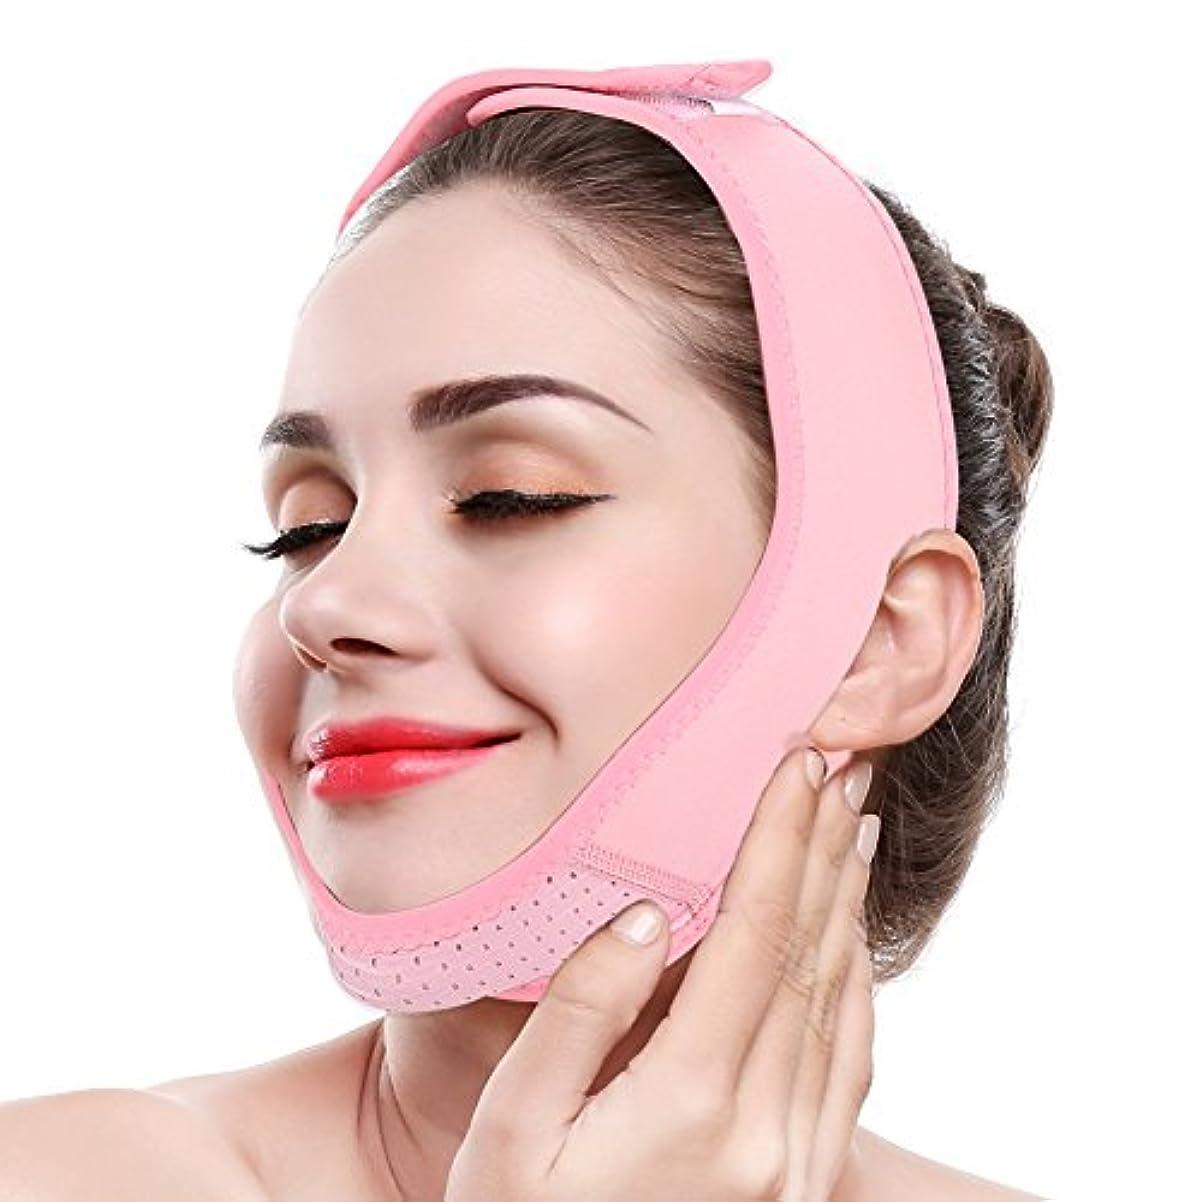 労苦田舎満州Facial Lifting Slimming Belt, V Line Mask Neck Compression Double Chin Strap Weight Loss Belts Skin Care Chin...